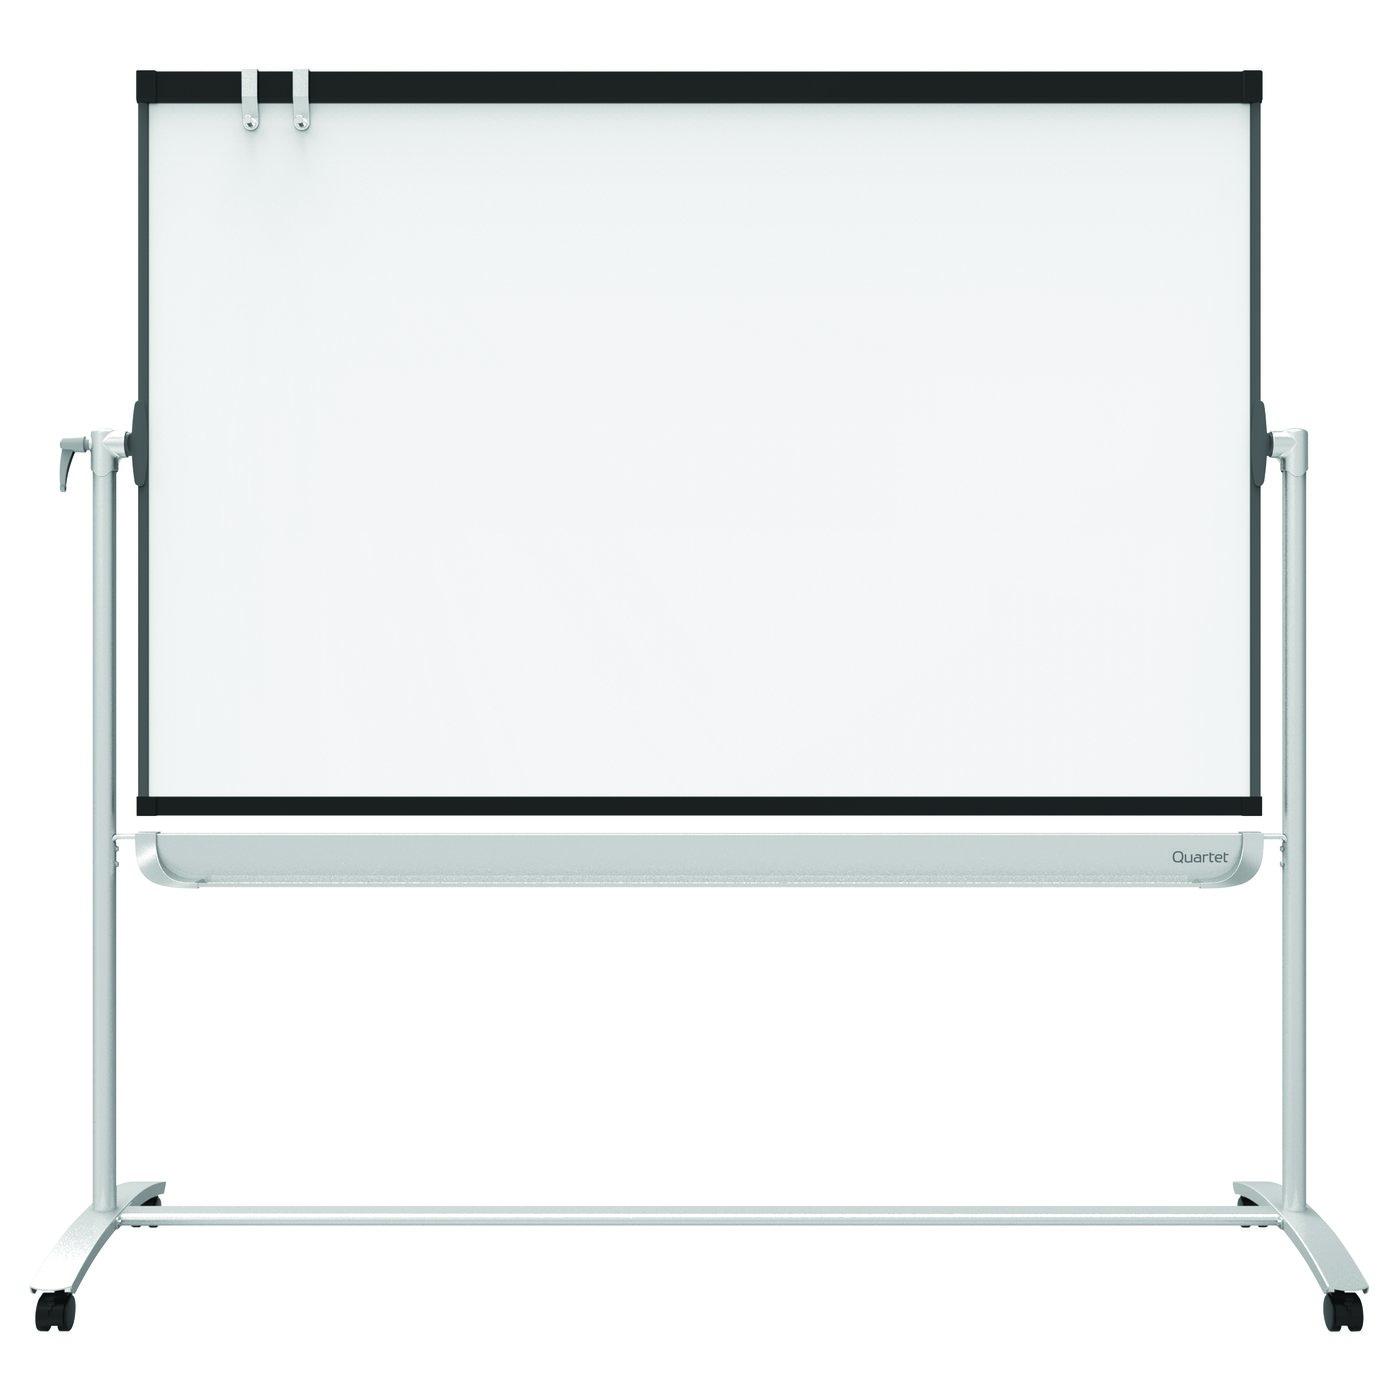 quartet prestige 2 mobile presentation easel reversible magnetic whiteboardflipchart 4 - Magnetic White Board